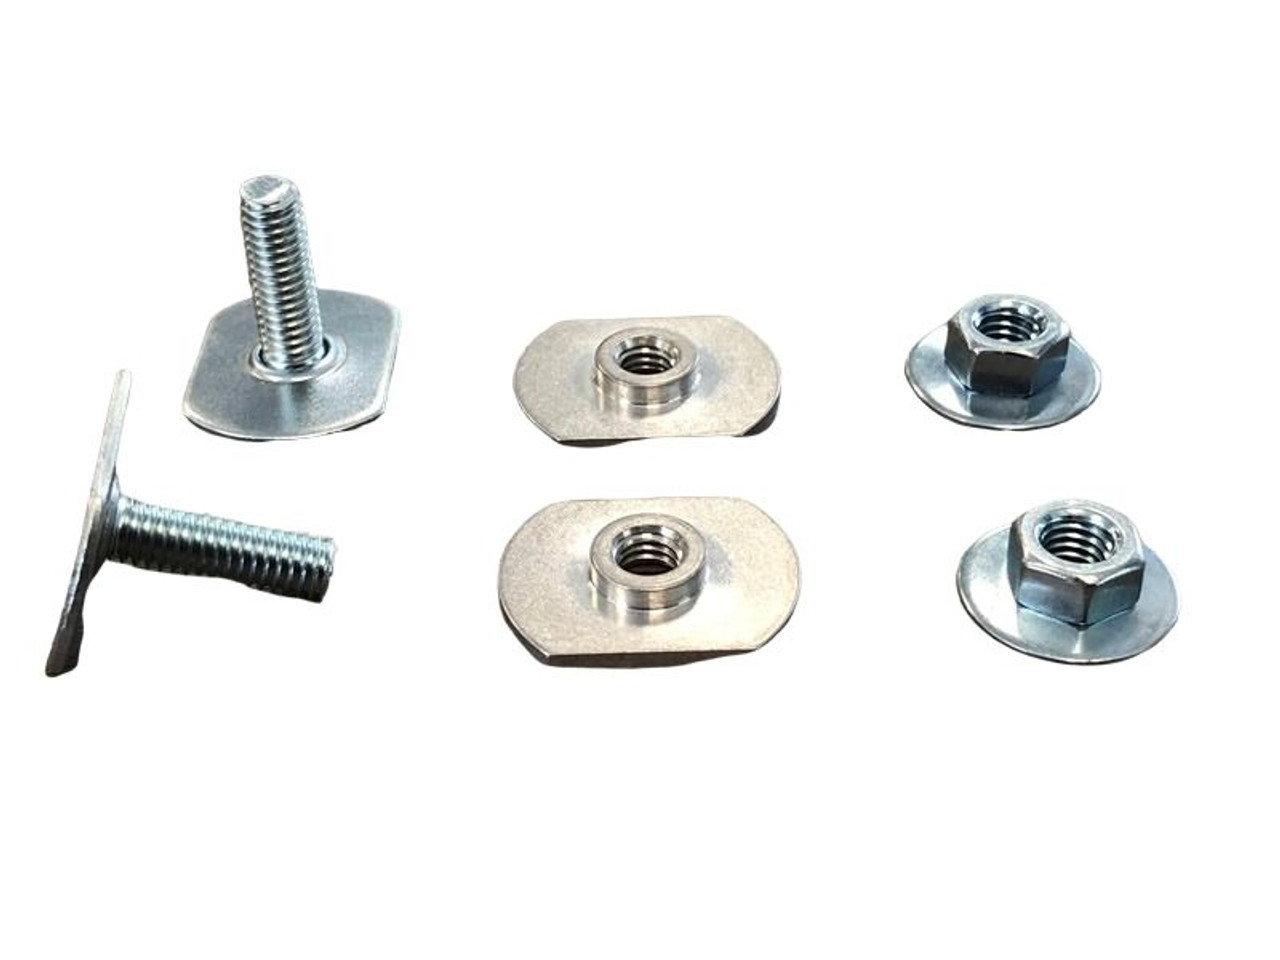 Tillett Chainguard Hardware Kit